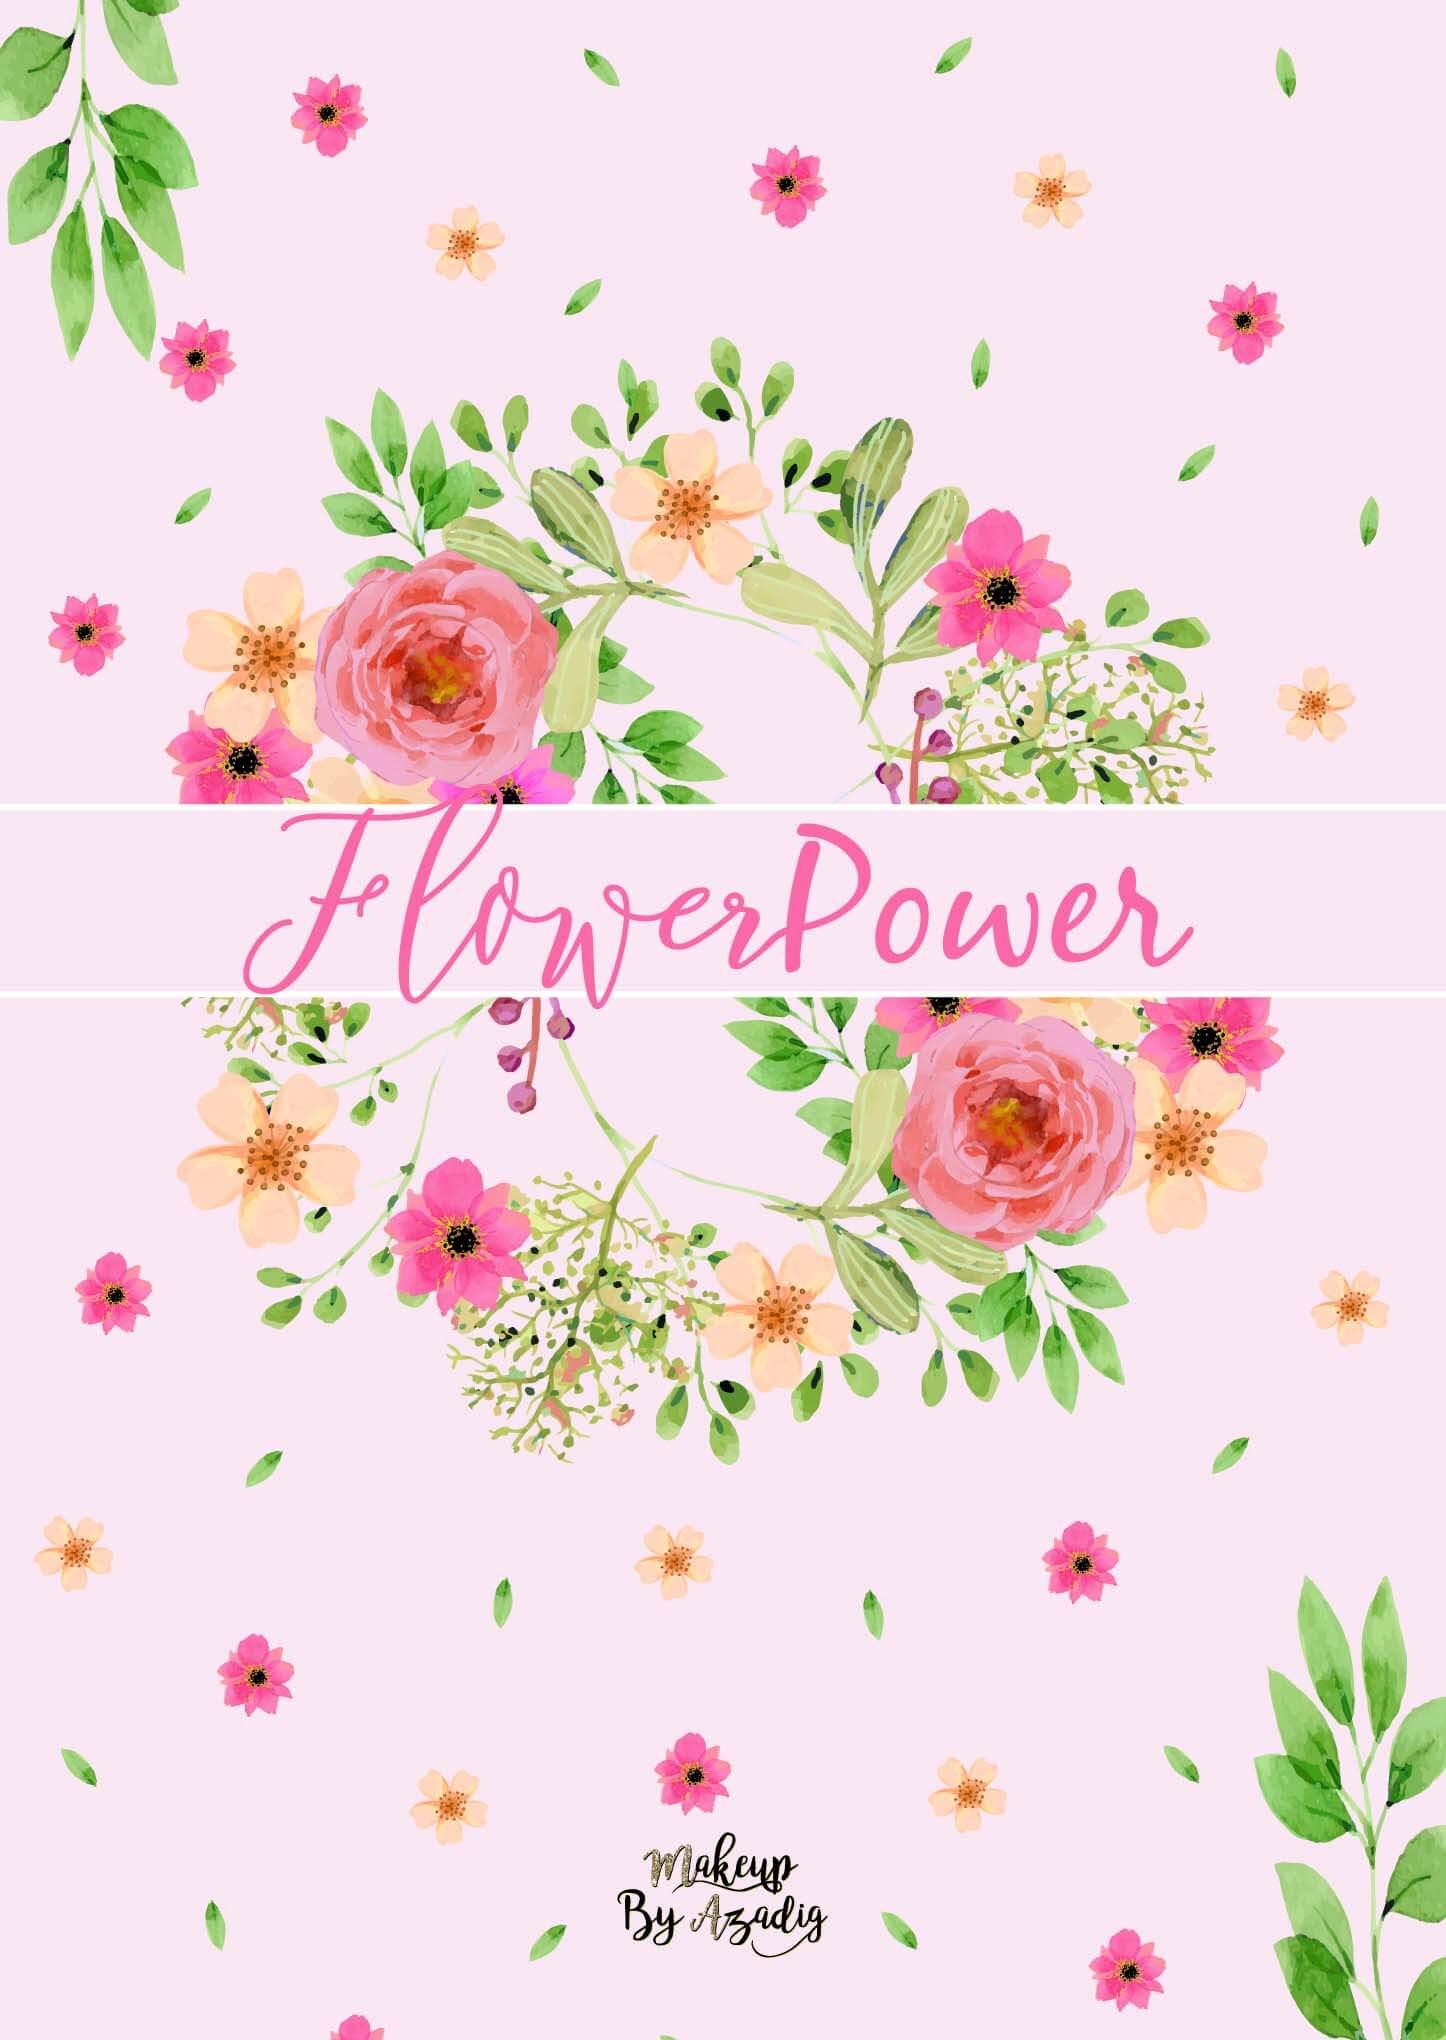 fond-decran-wallpaper-printemps-fleurs-flower-power-couronne-rose-girly-ipad-tablette-apple-makeupbyazadig-tendance